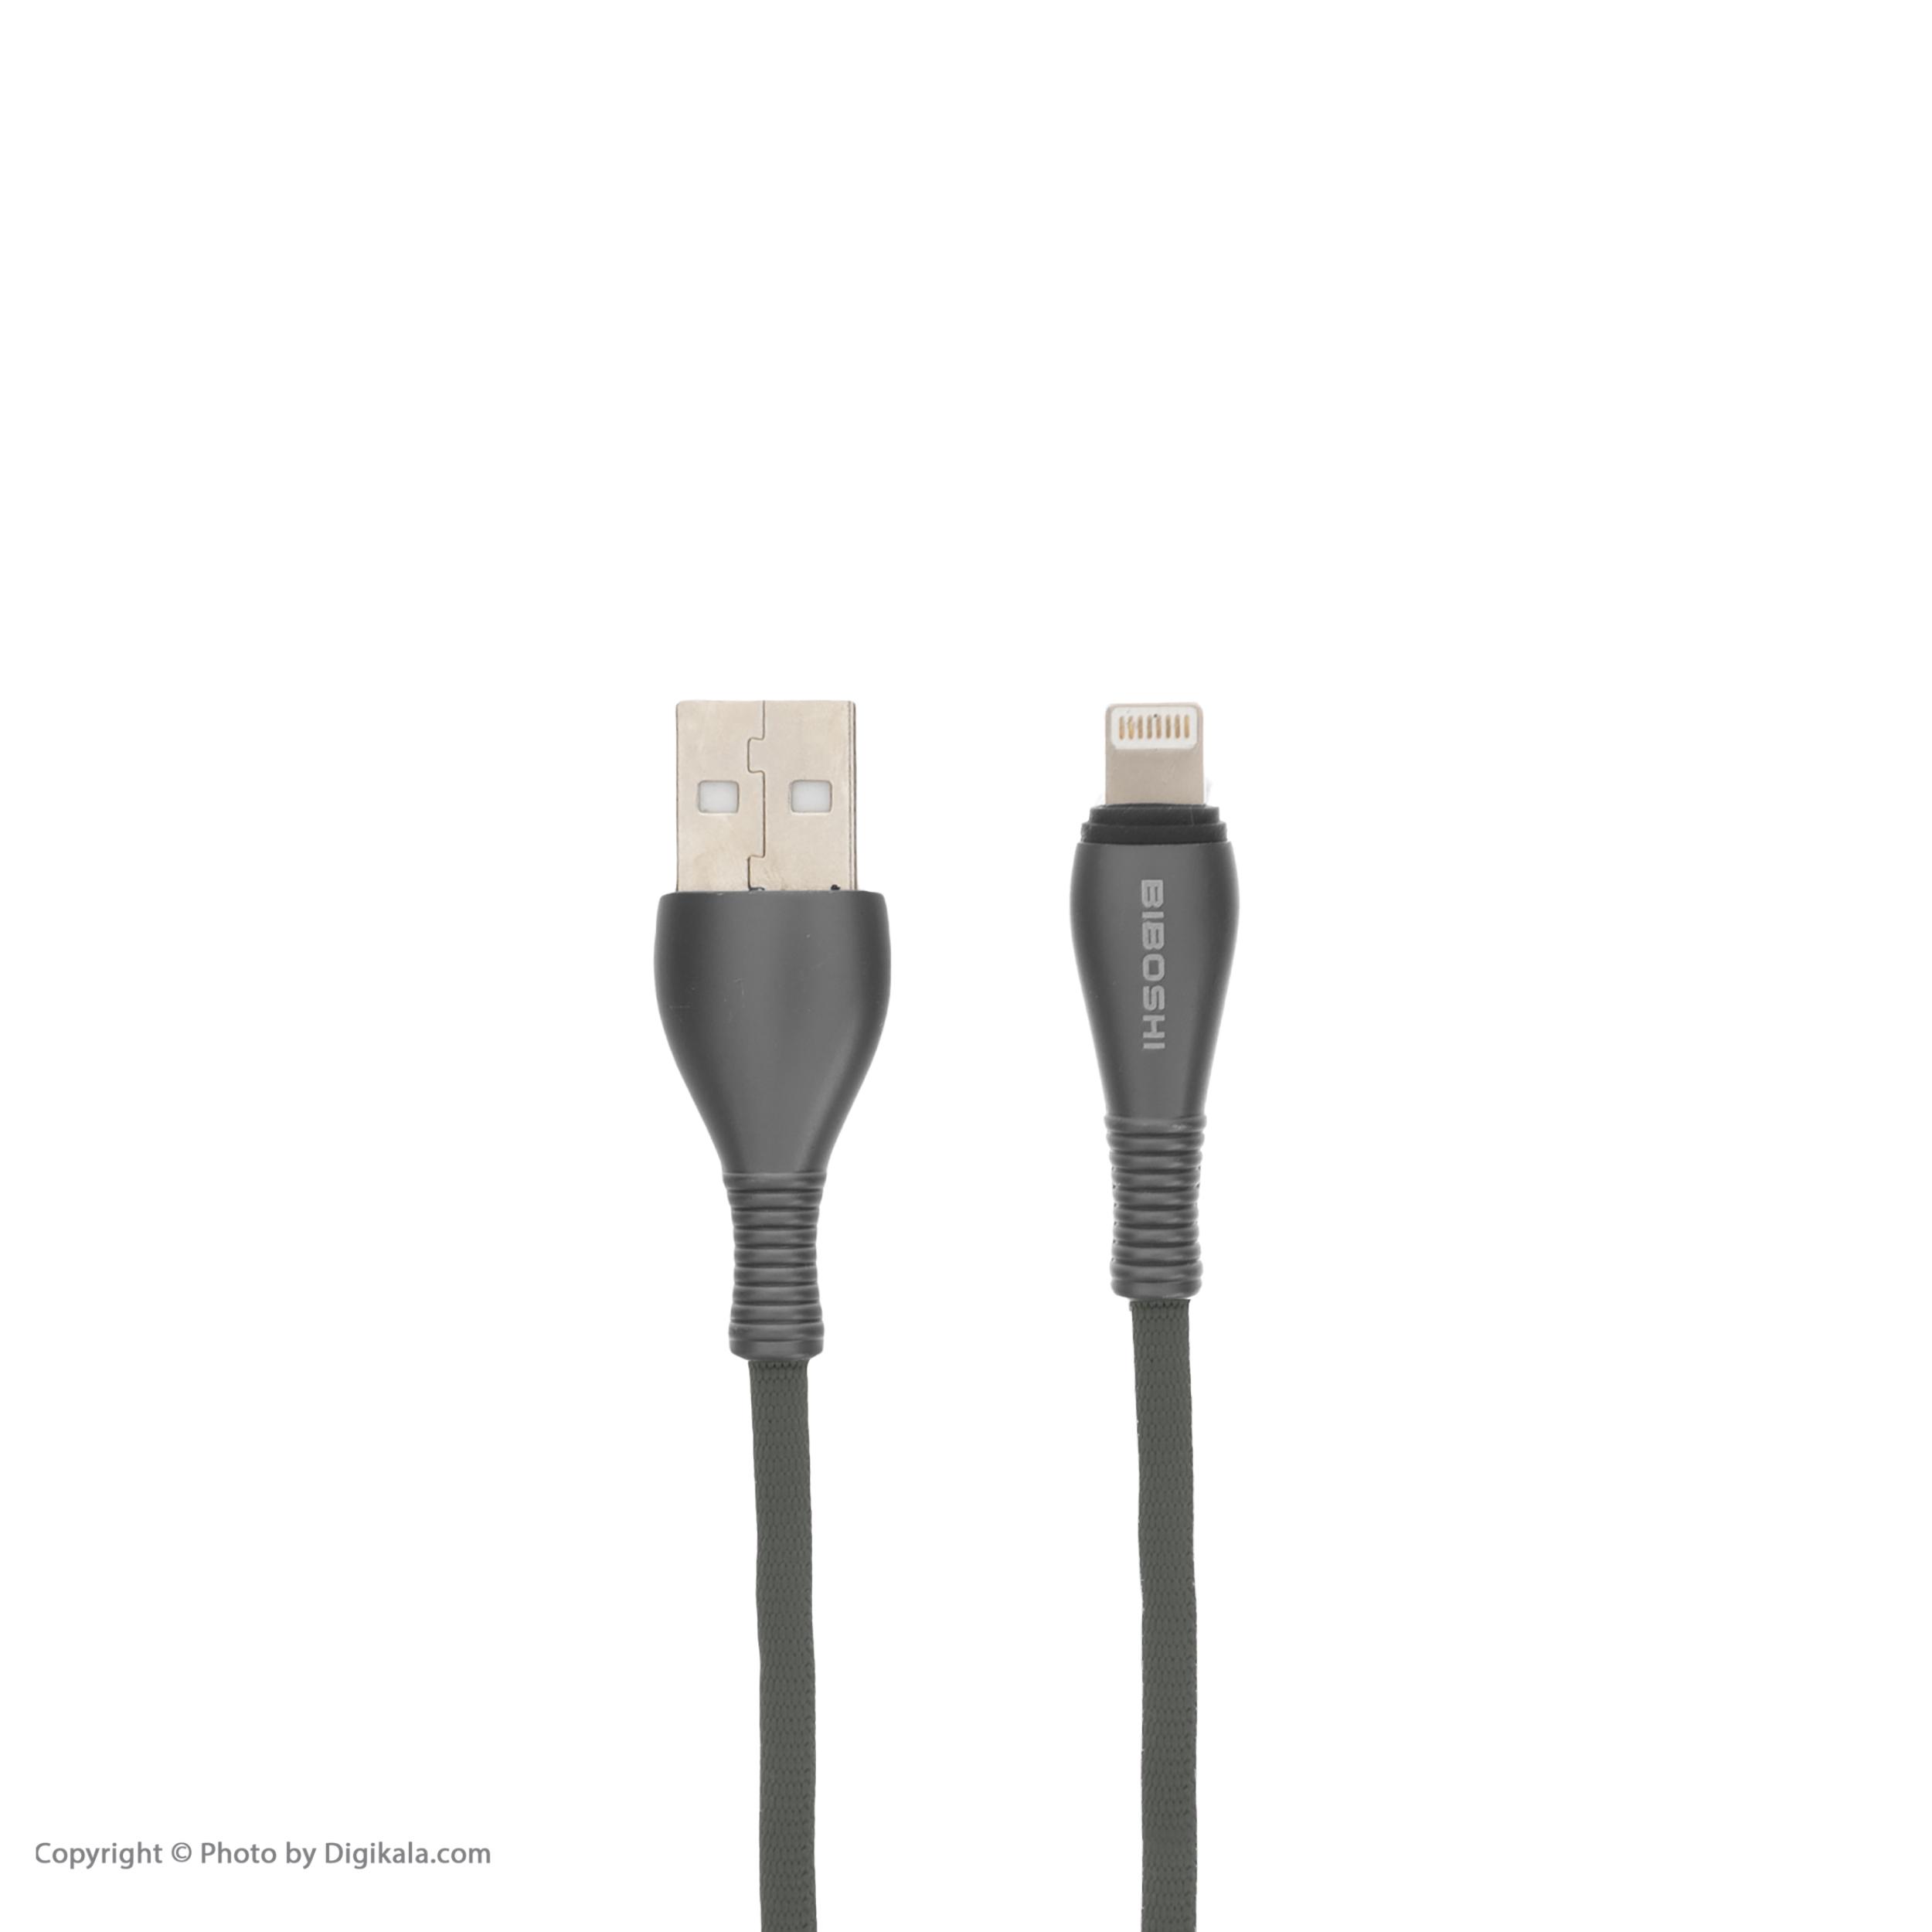 کابل تبدیل USB به لایتنینگ بییوشی مدل A05 طول 1 متر